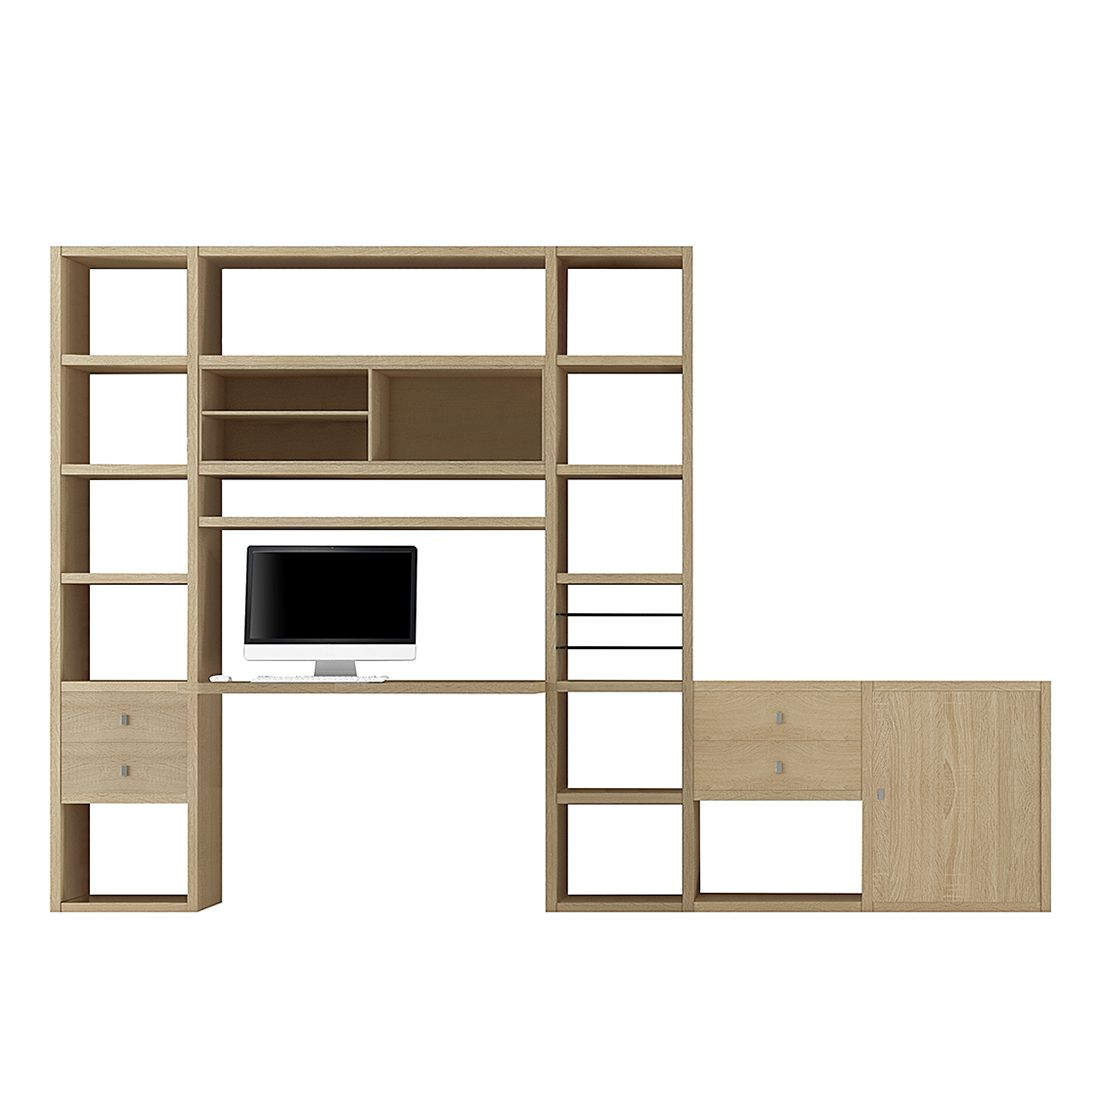 Wohnkombination Emporior II - Eiche Dekor, loftscape